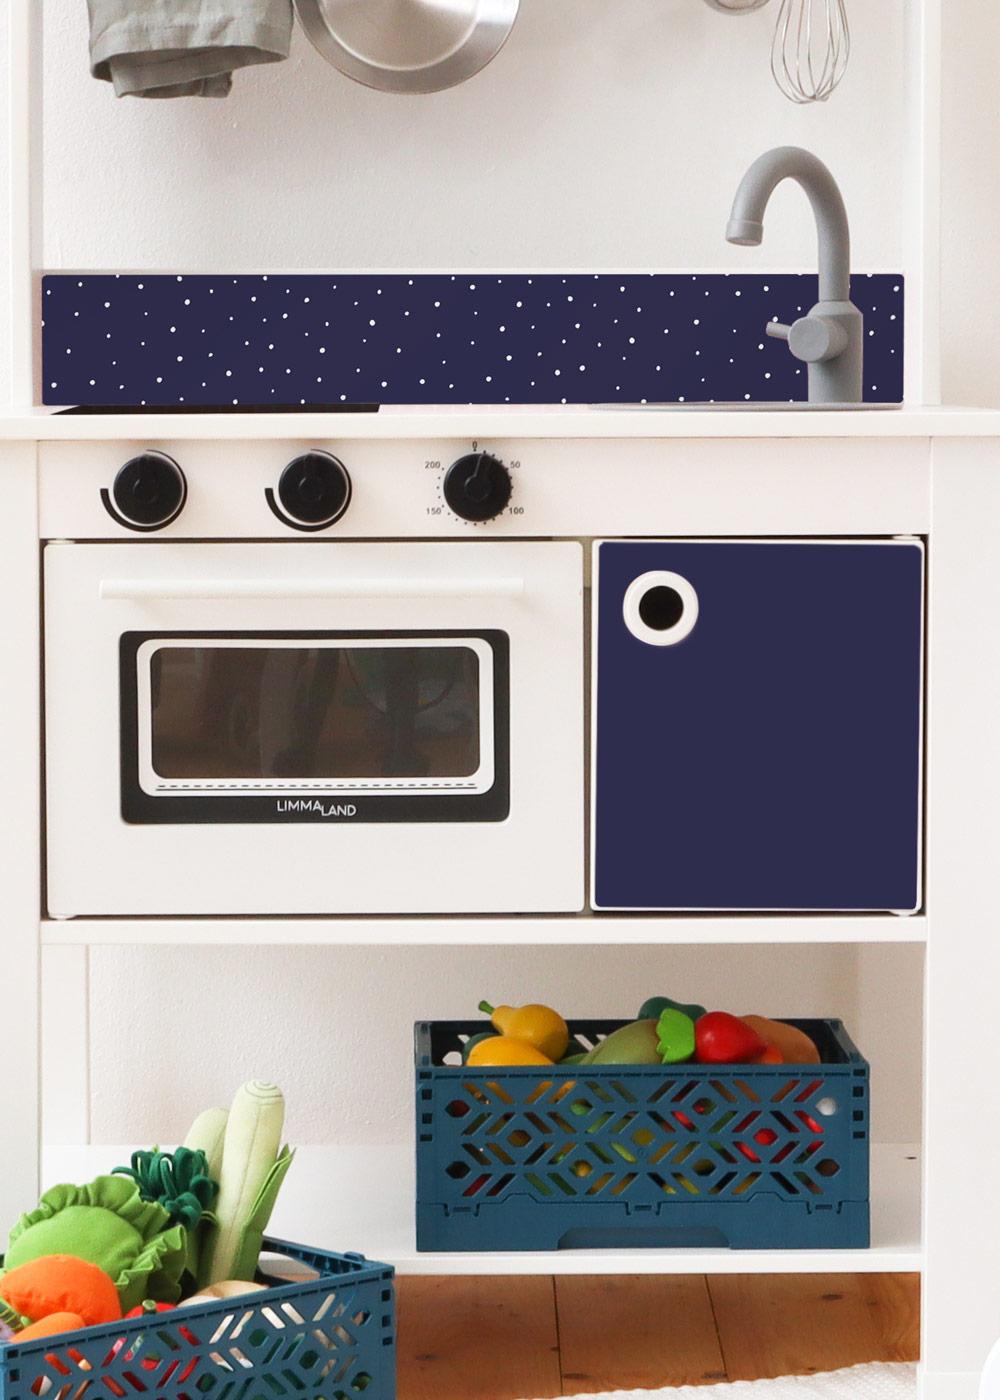 Ikea Spisig Kinderküche Tüpfelig Nachtblau Teilansicht